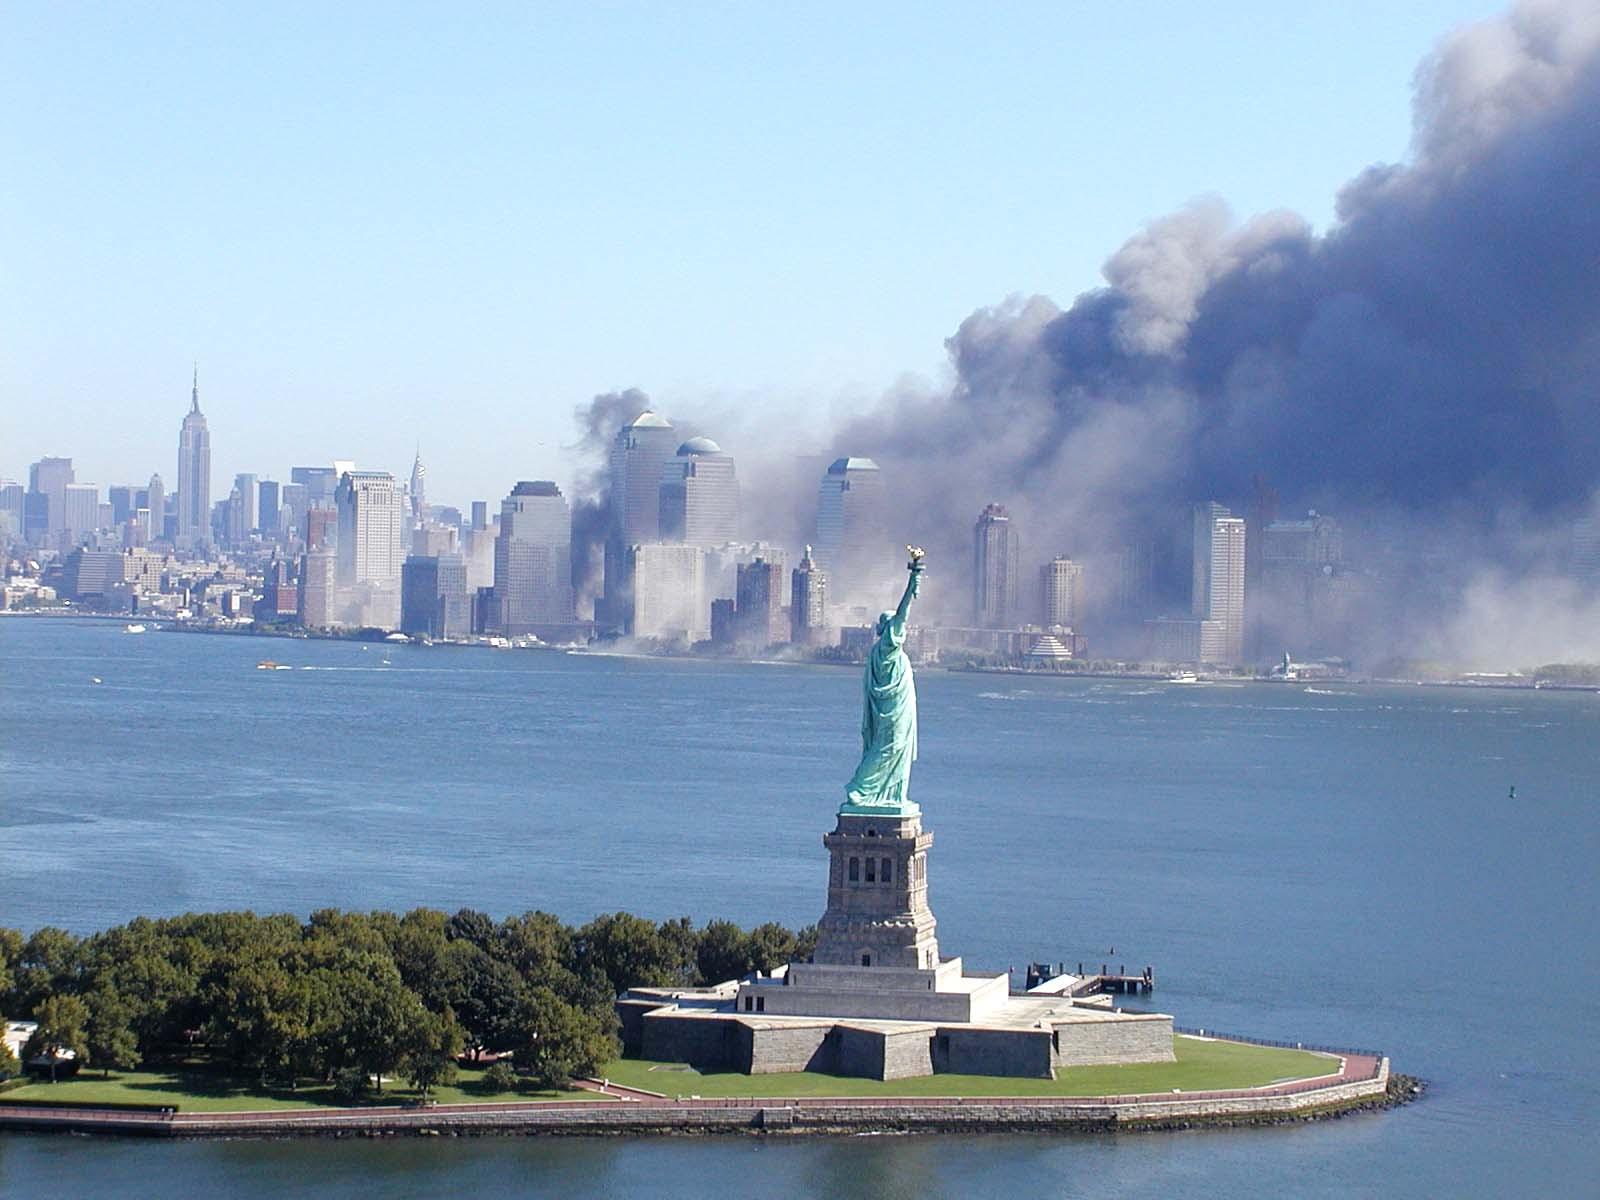 מלחמה בחירות, או מלחמה בשם החירות: מתקפת הטרור על מרכז הסחר העולמי בניו יורק ב-11 בספטמבר 2001 (צילום: 9/11 Photos, אתר flickr)